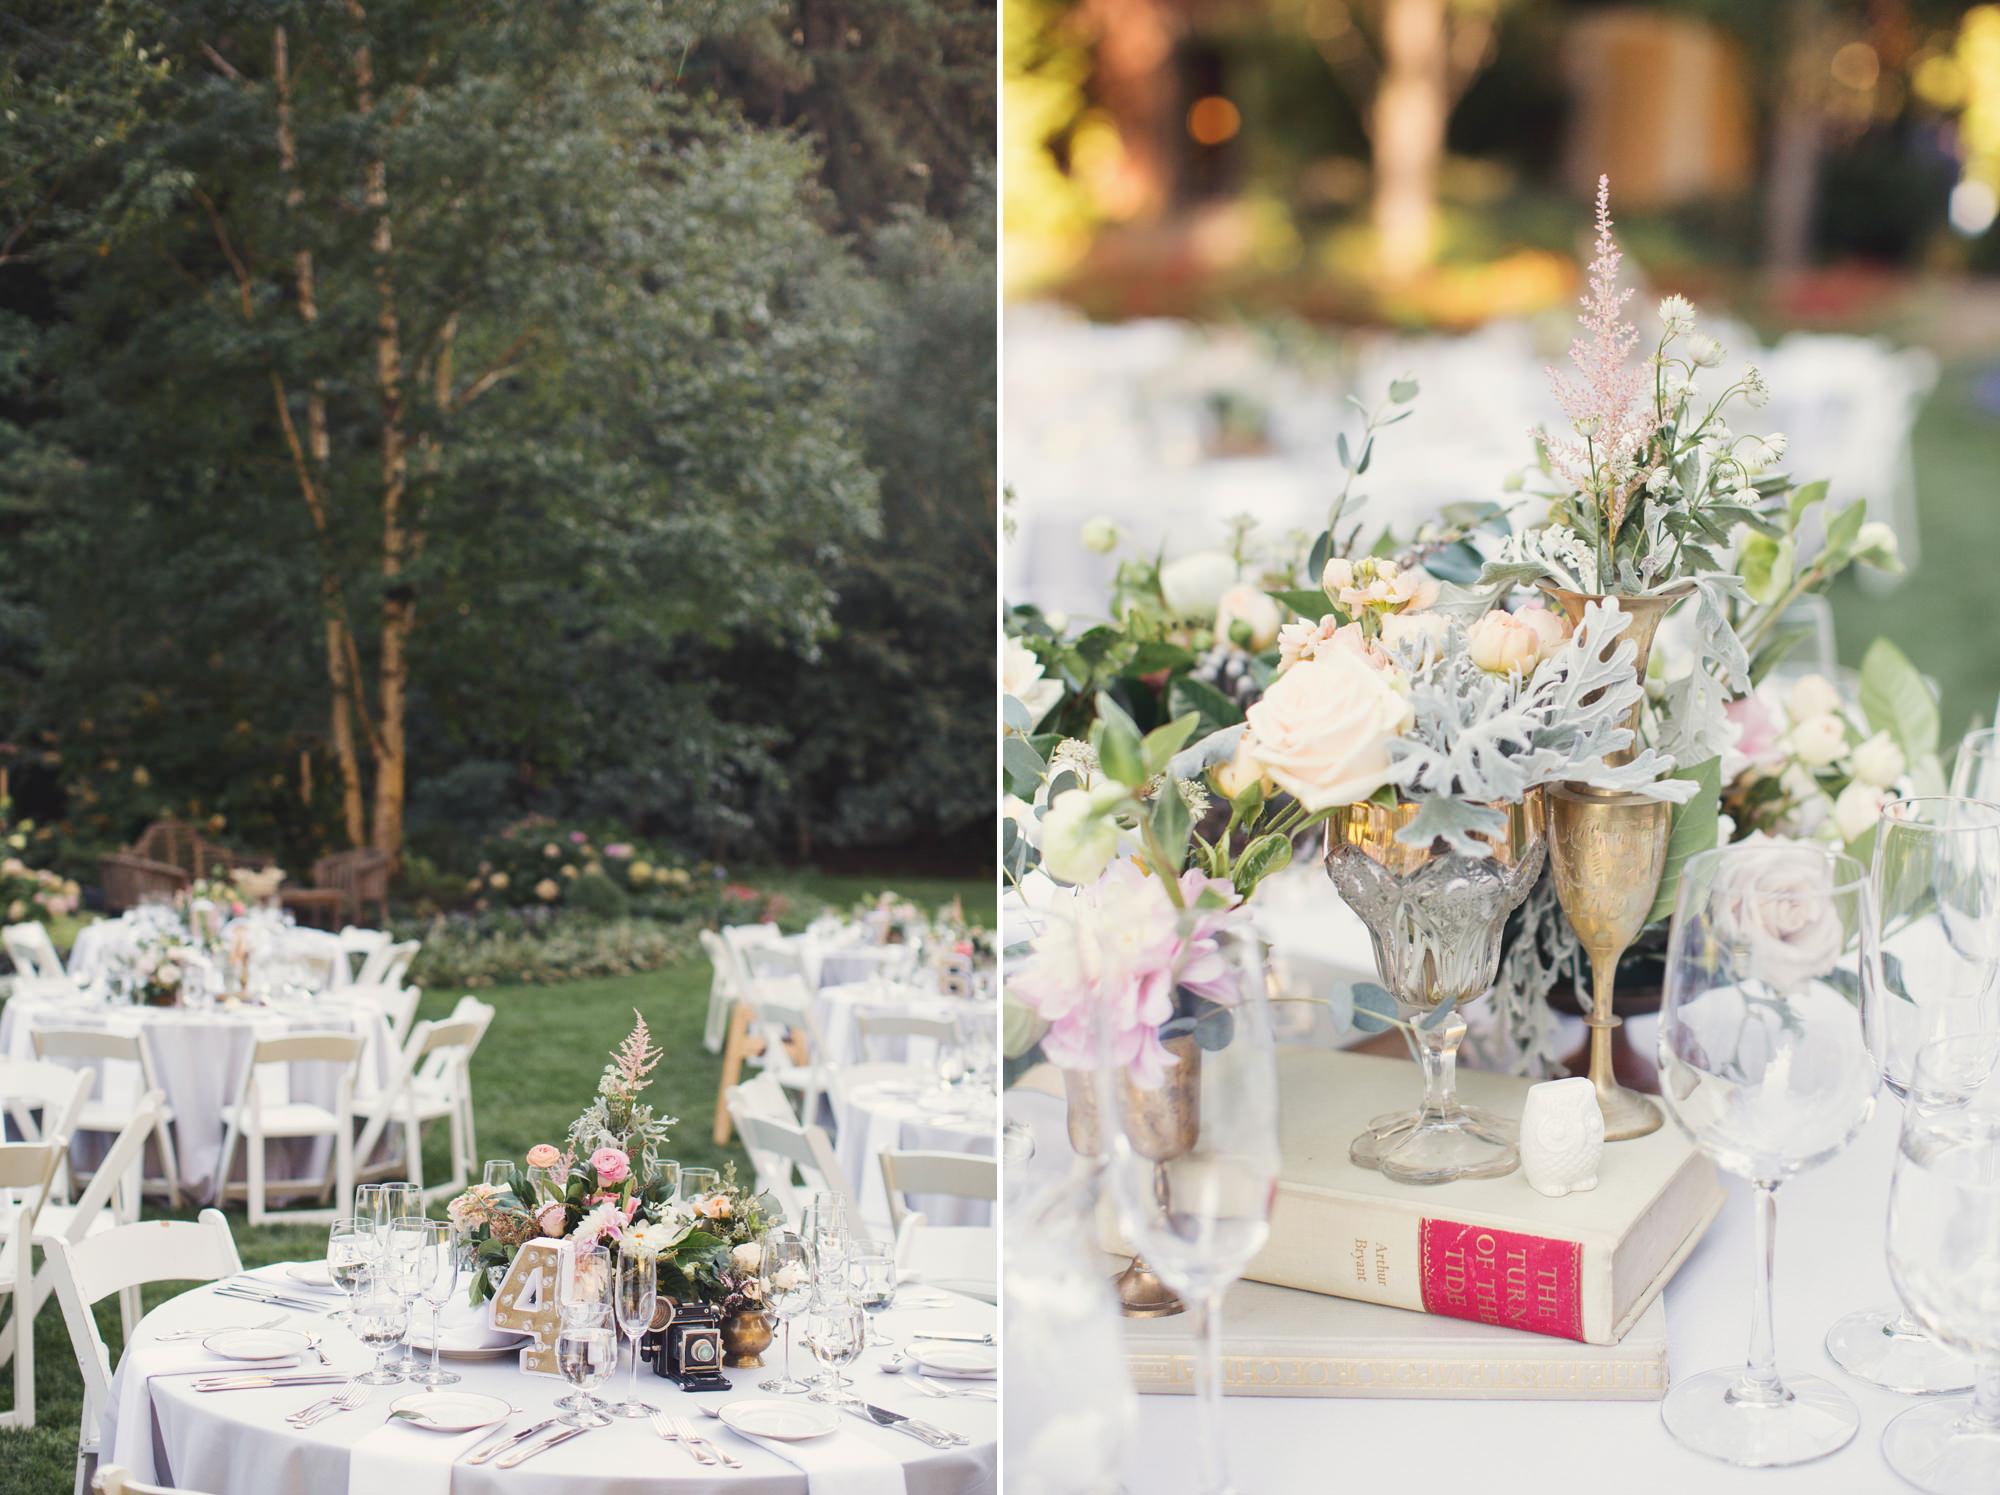 Fairytale Wedding in Nestldown ©Anne-Claire Brun 0049